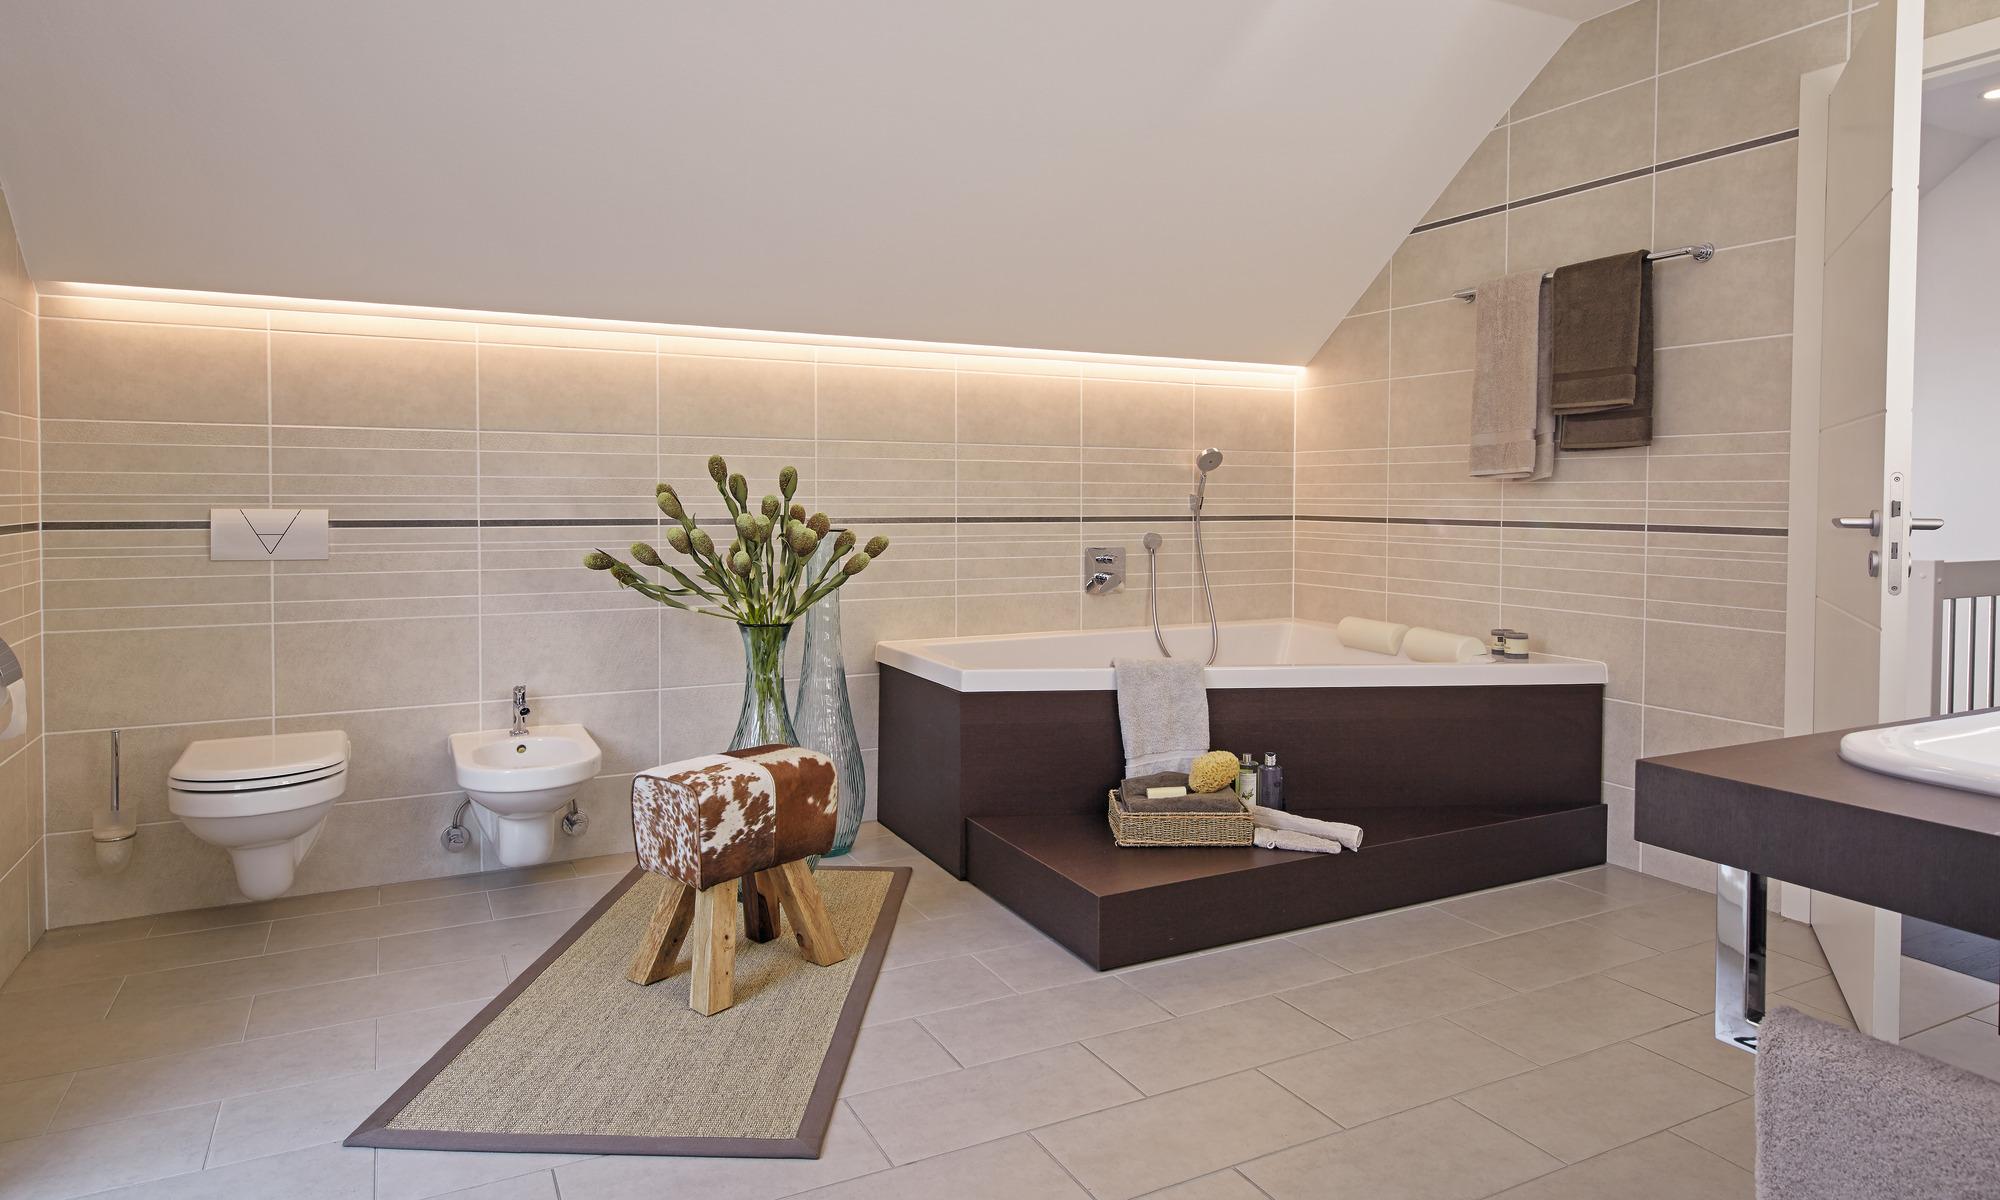 großes Badezimmer